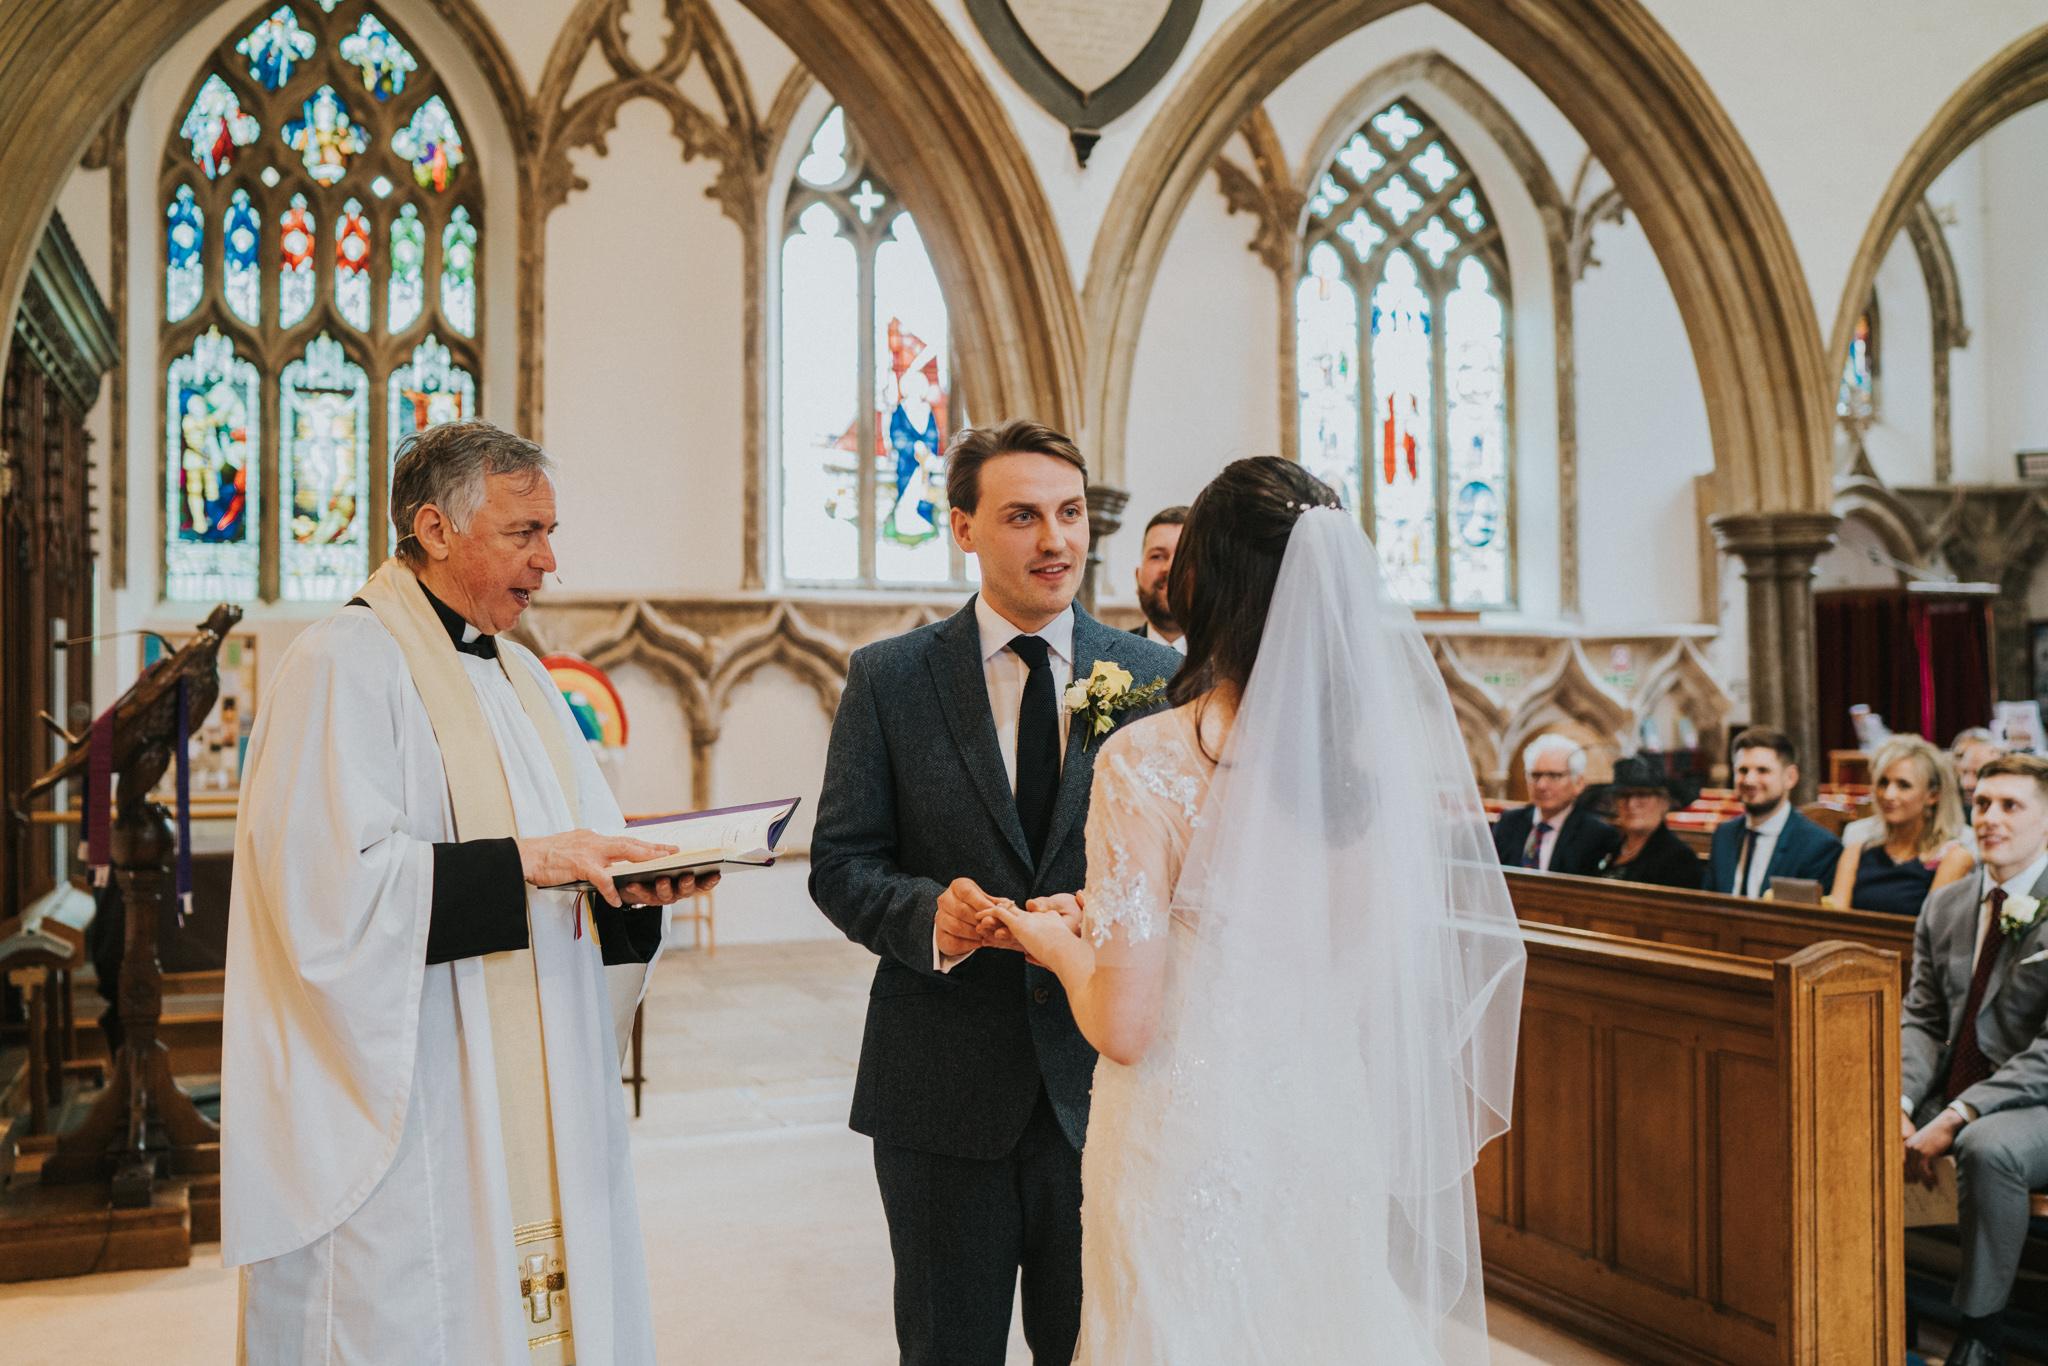 anne-charlie-maldon-all-saints-church-wedding-intimate-wedding-grace-elizabeth-colchester-essex-alternative-wedding-lifestyle-photographer-colchester-essex-suffolk-norfolk-devon (7 of 17).jpg